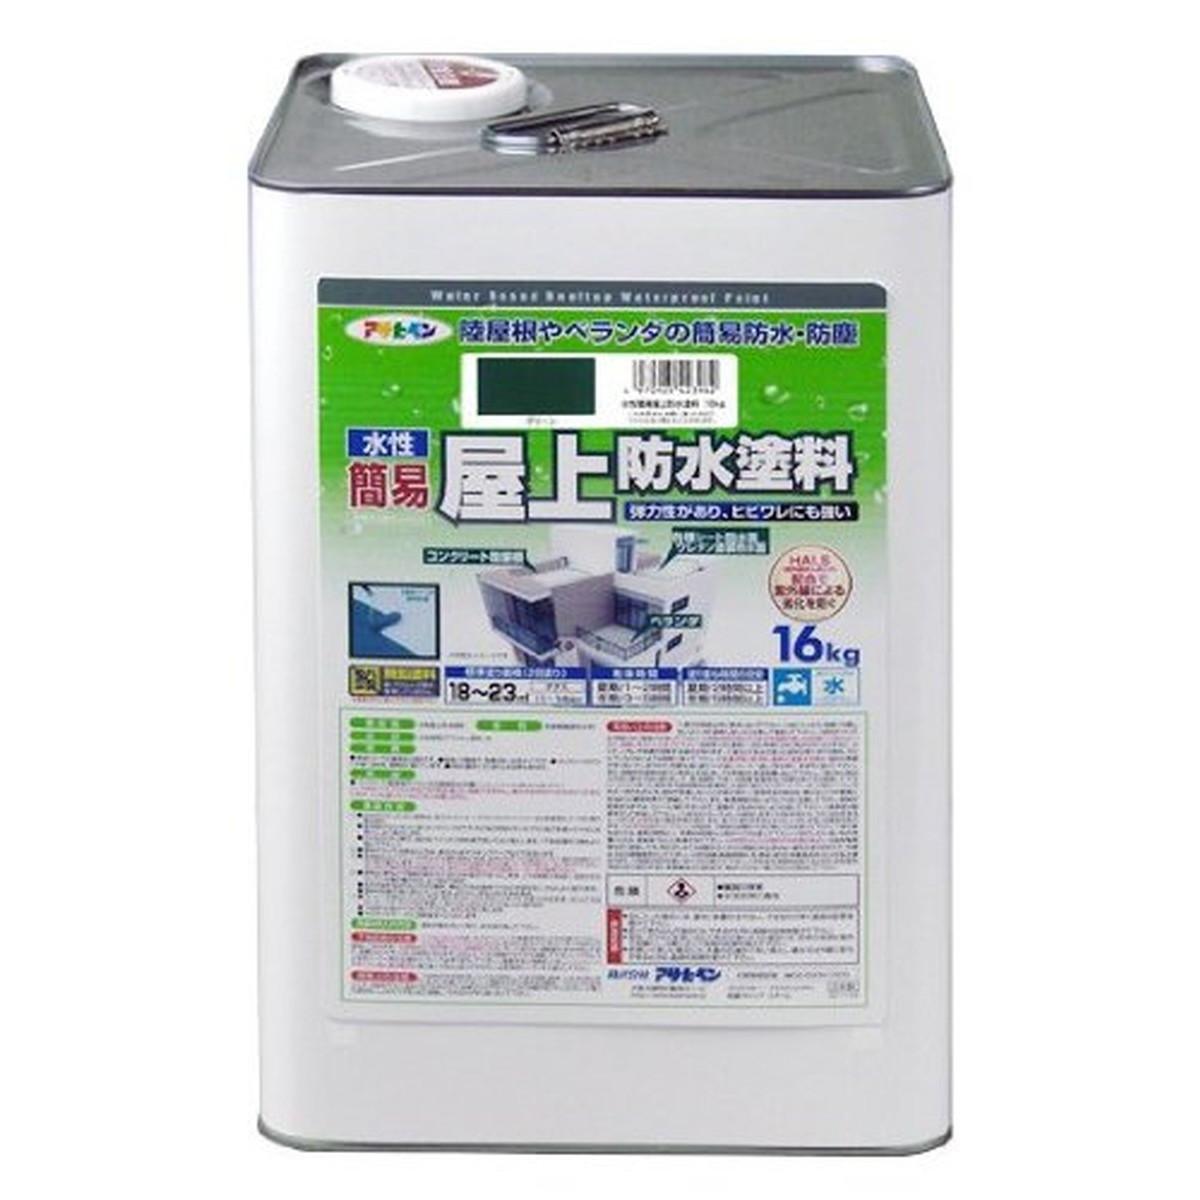 アサヒペン 水性簡易屋上防水塗料 グリーン 16kg【クーポン配布中】